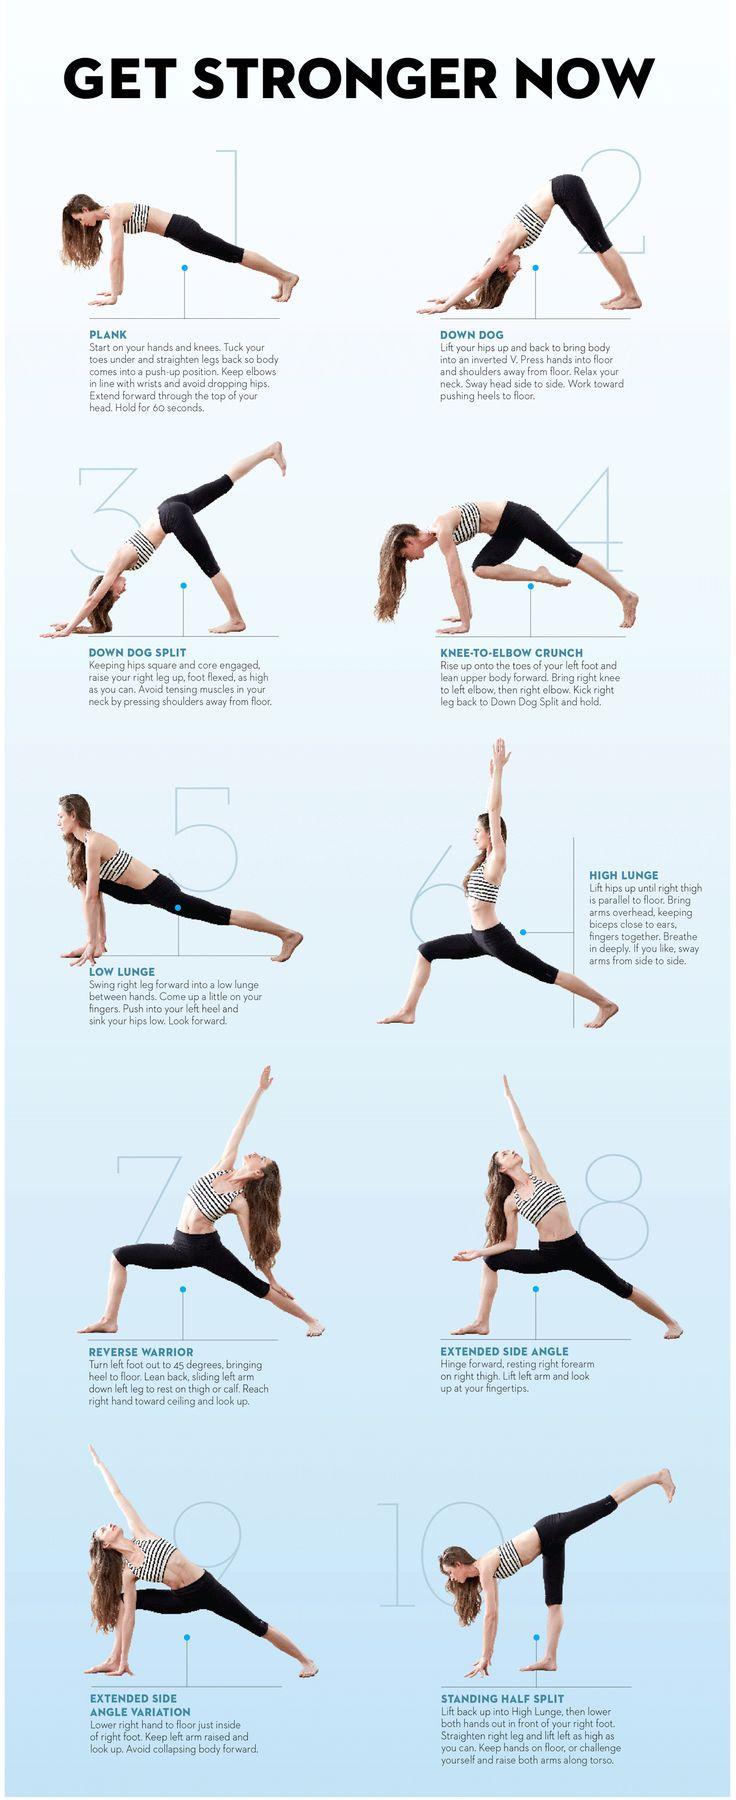 #yoga #yogi #yogapose #ashtanga #asana #meditation #namaste #om